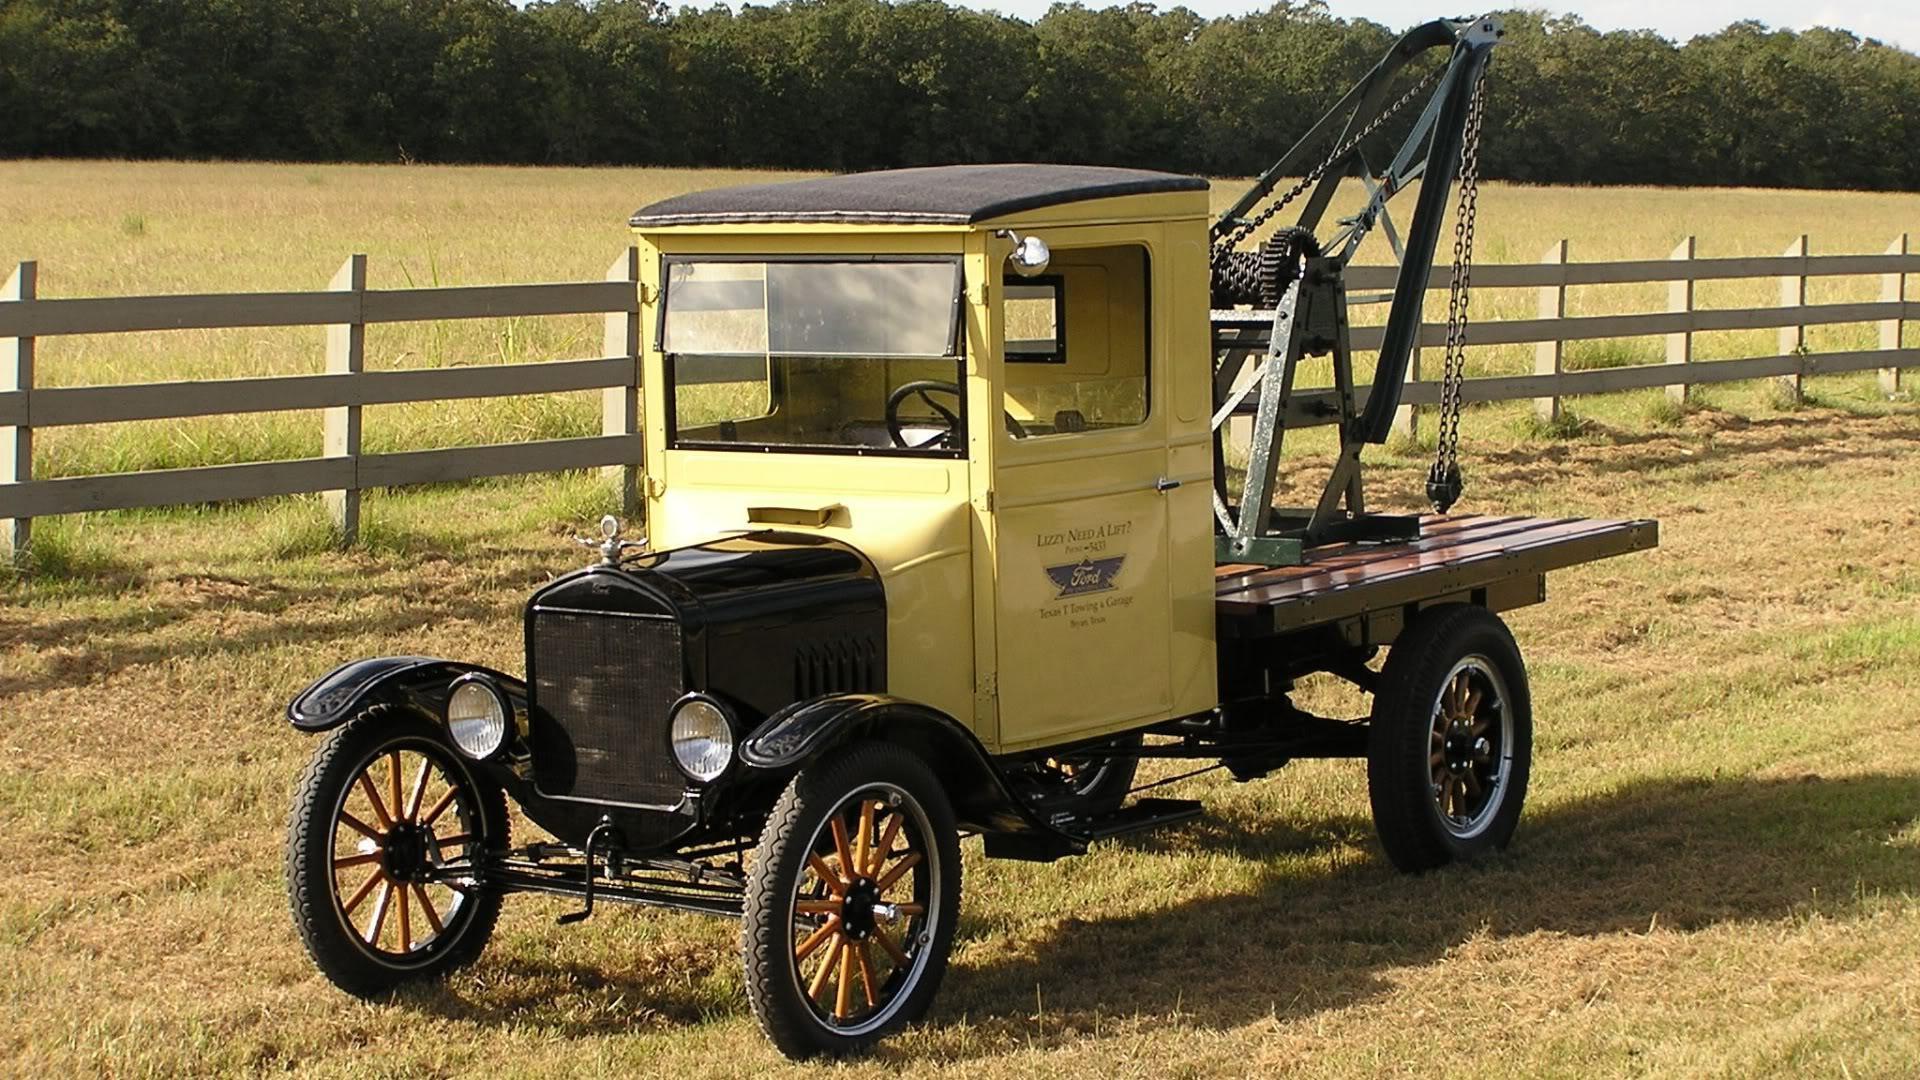 Tow Truck Wallpaper For Desktop Wallpapersafari 1951 Ford 1920x1080